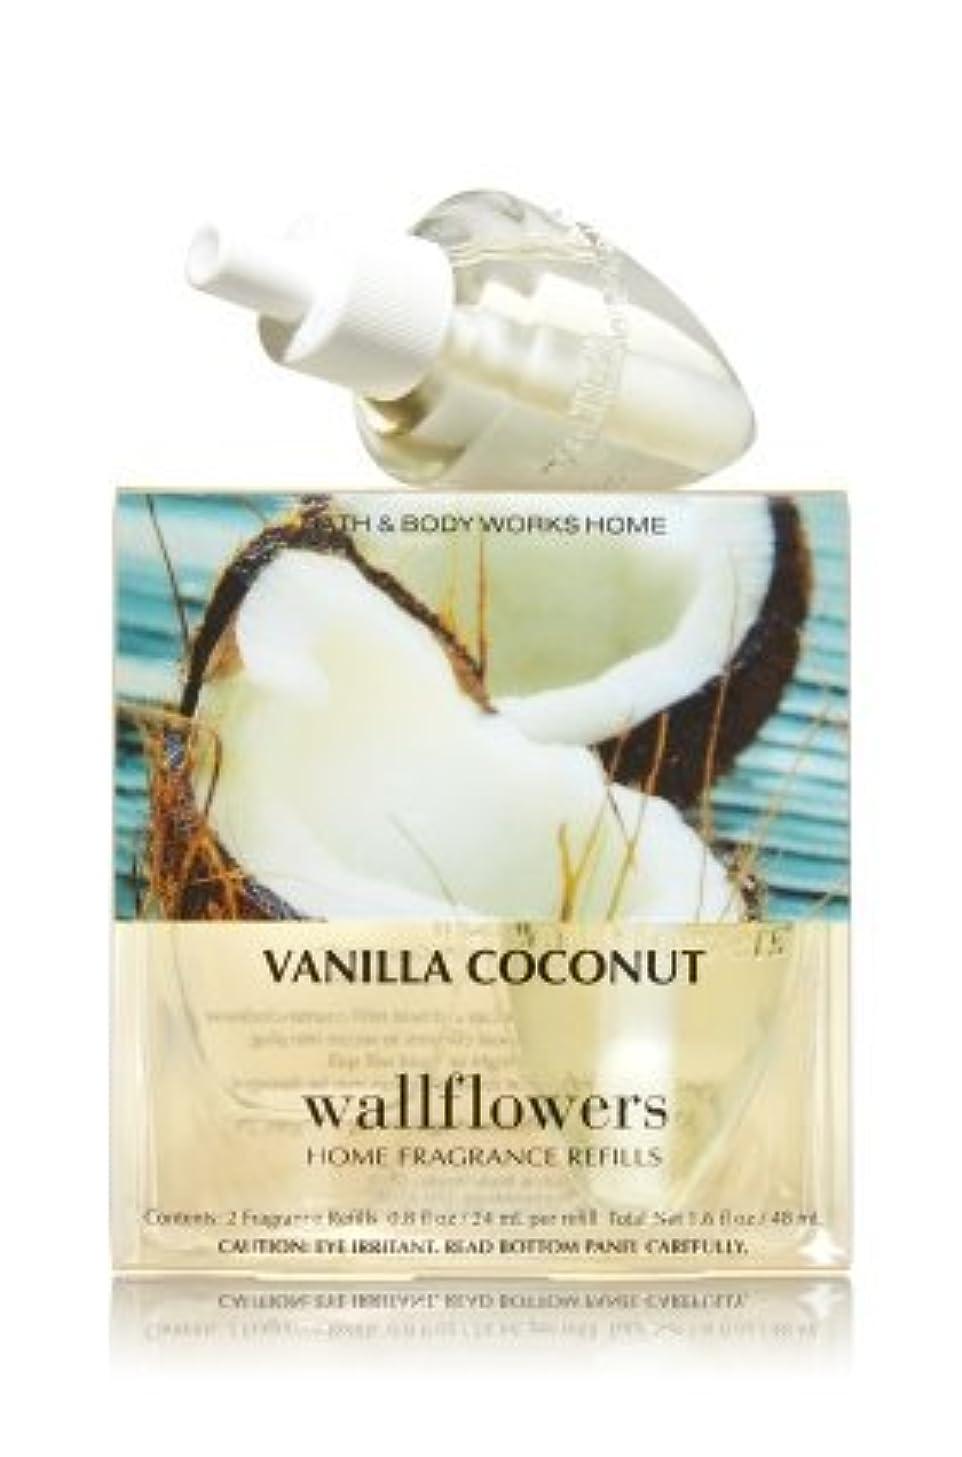 哲学激怒機構【Bath&Body Works/バス&ボディワークス】 ルームフレグランス 詰替えリフィル(2個入り) バニラココナッツ Wallflowers Home Fragrance 2-Pack Refills Vanilla Coconut [並行輸入品]